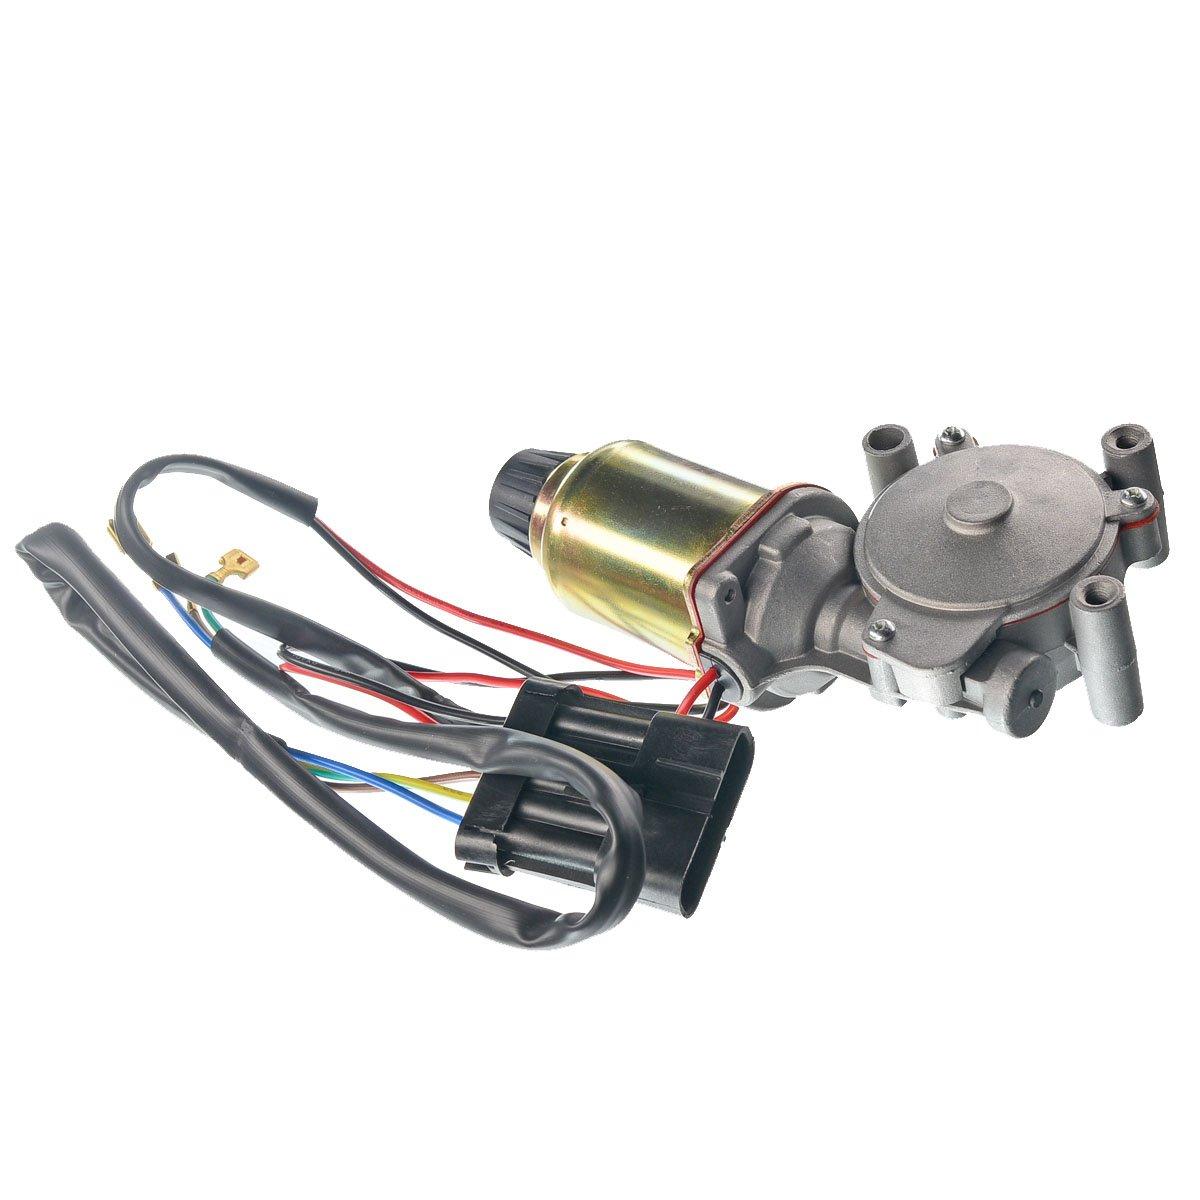 A-Premium Headlight Headlamp Motor for Chevrolet Corvette 1991-1996 Front Right Passenger Side